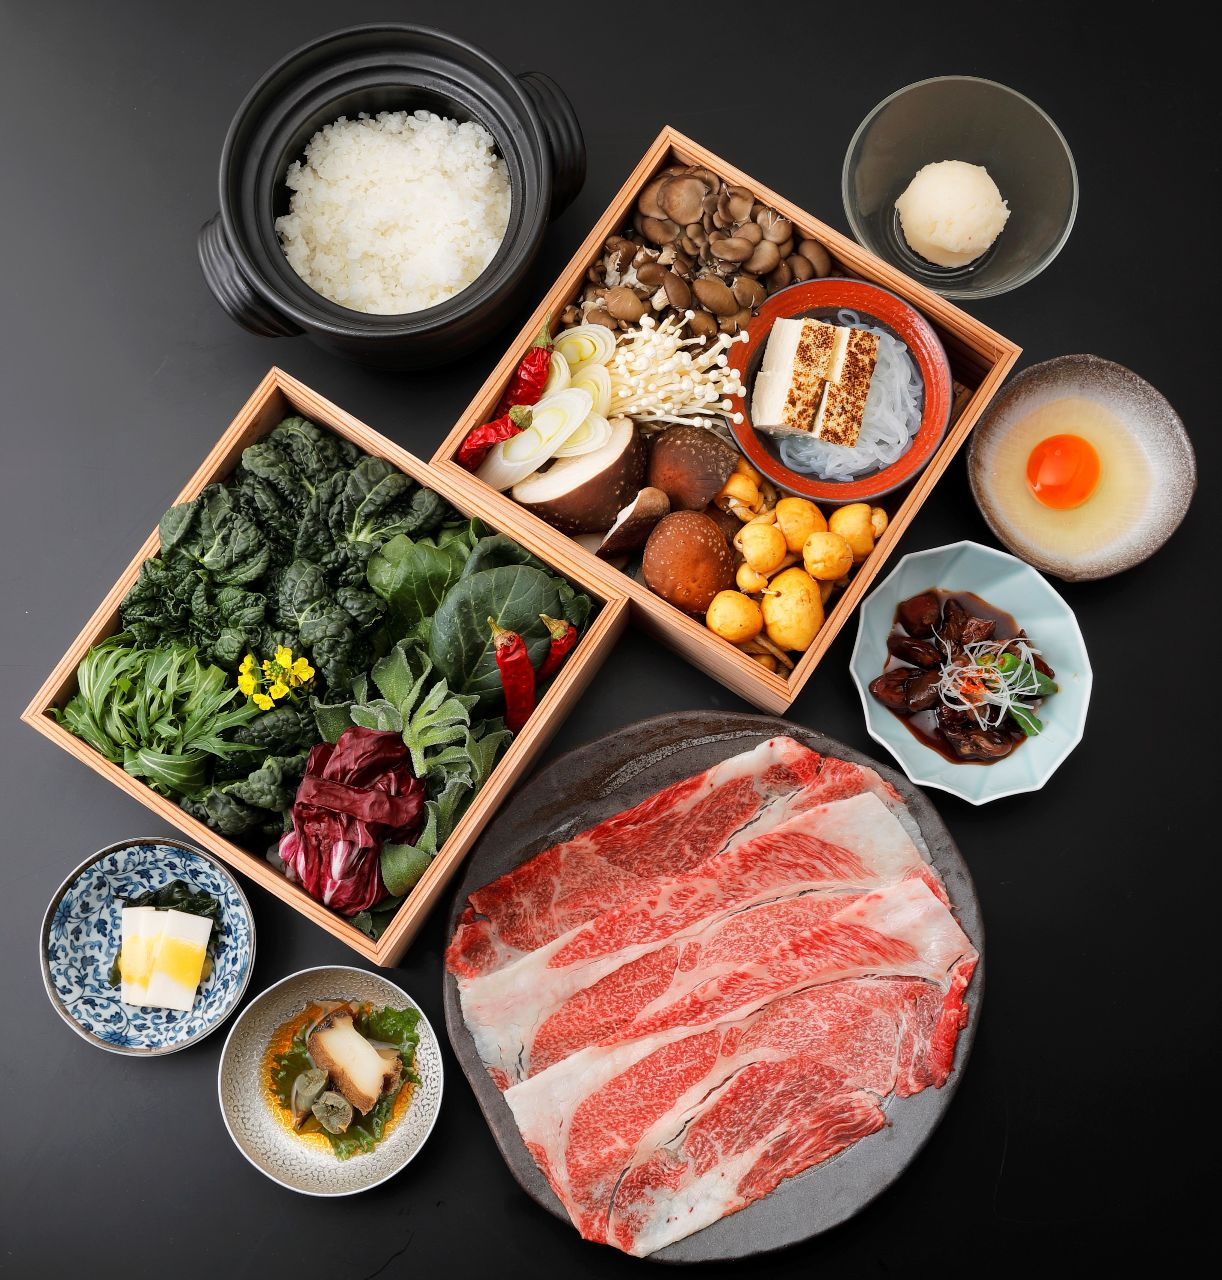 県産食材にこだわった自慢の料理